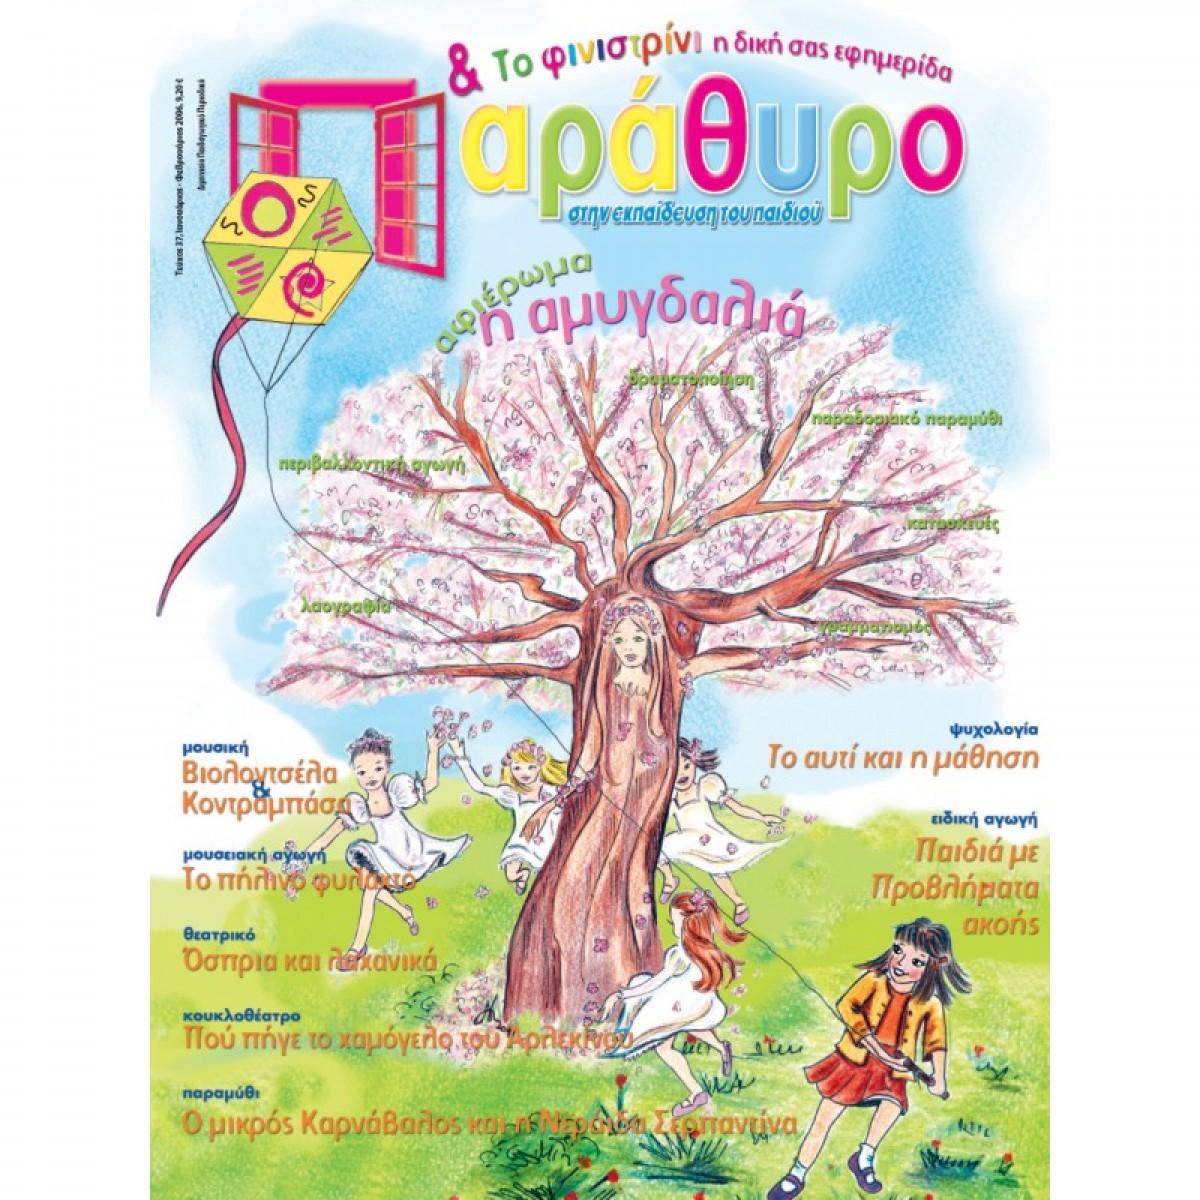 ΠΑΡΑΘΥΡΟ ΤΕΥΧΟΣ 37 Περιοδικό Παράθυρο